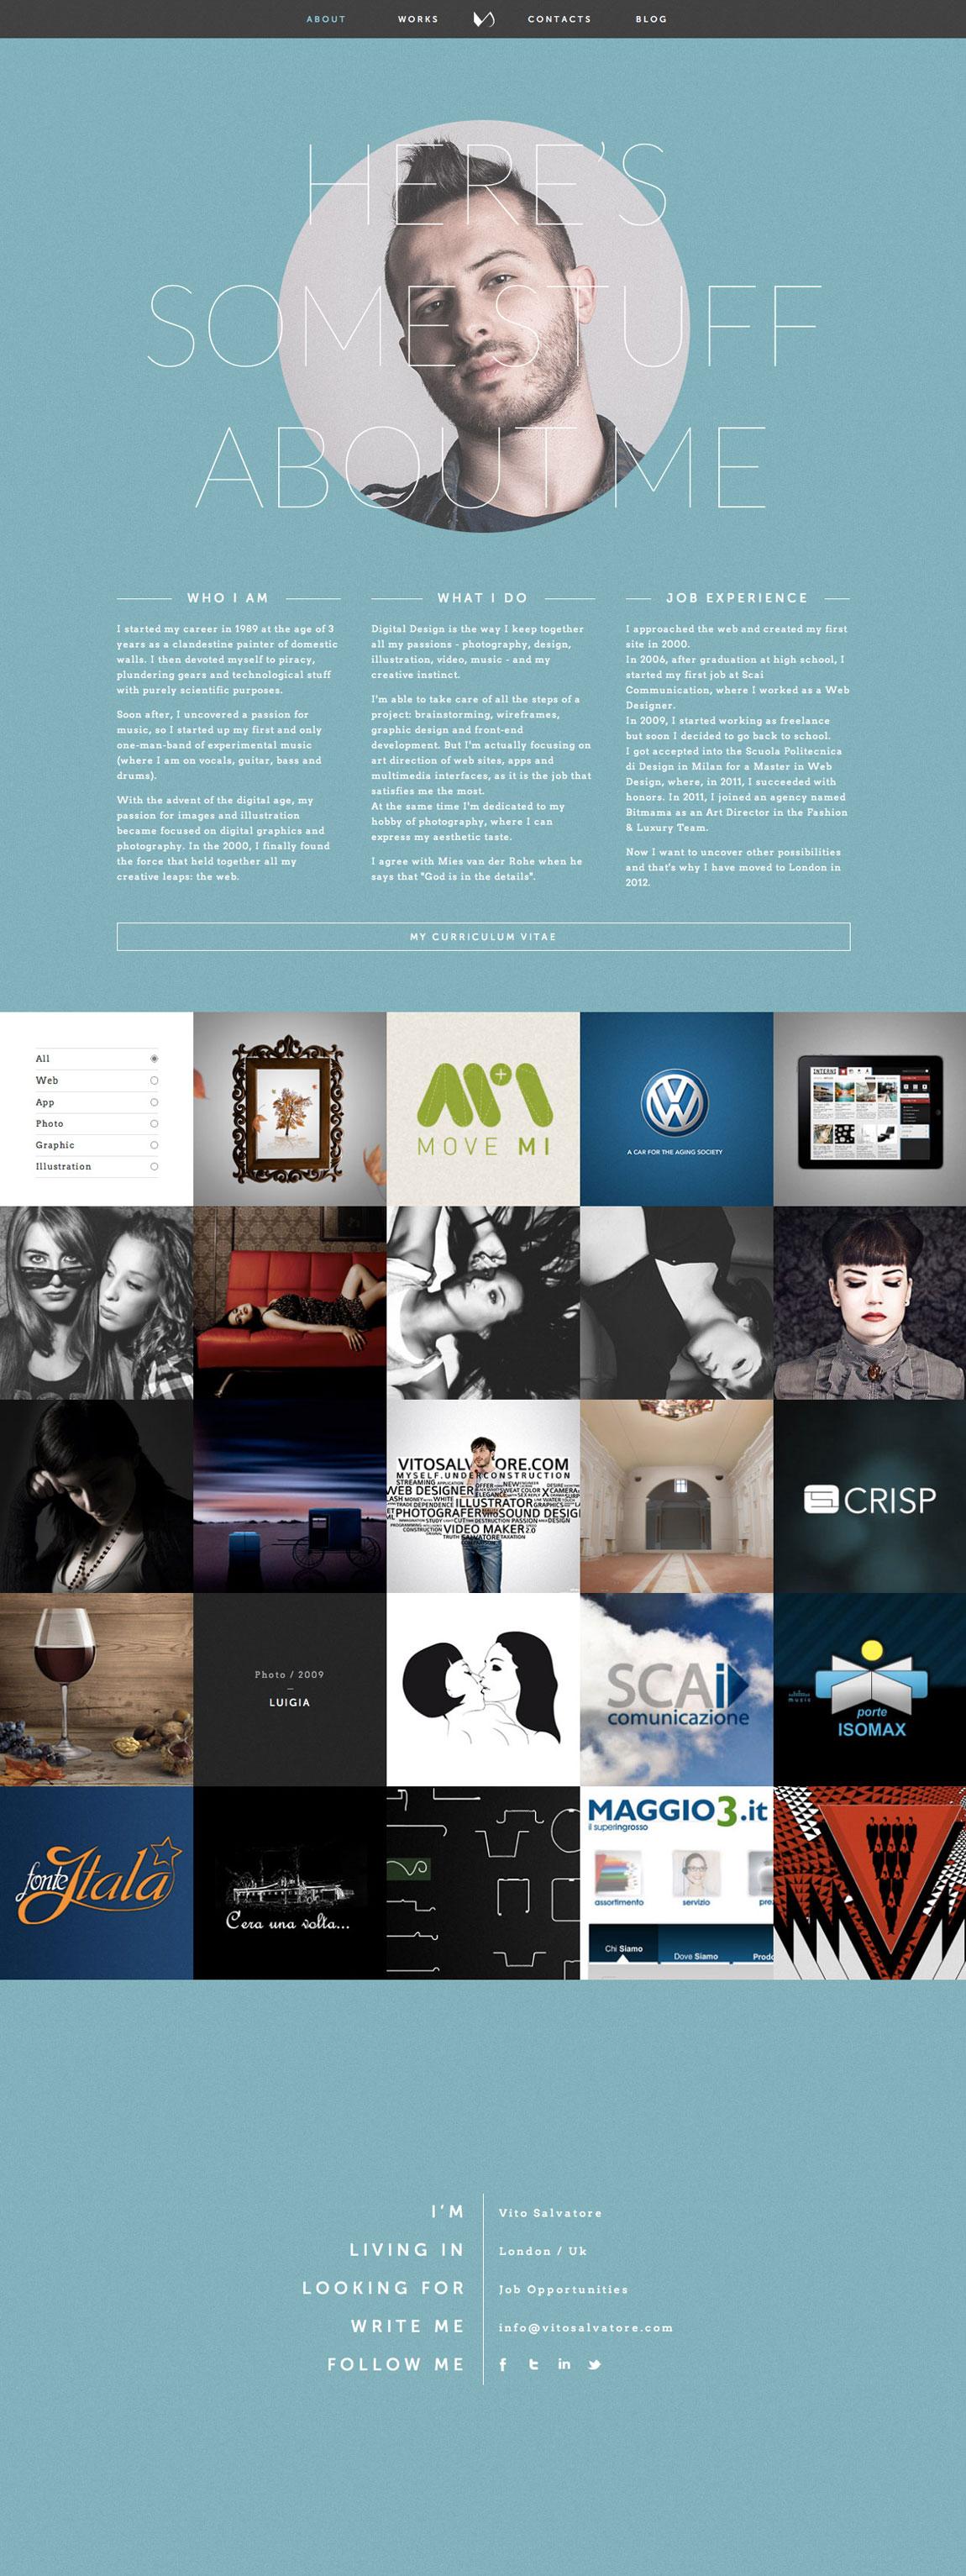 Vito Salvatore Website Screenshot